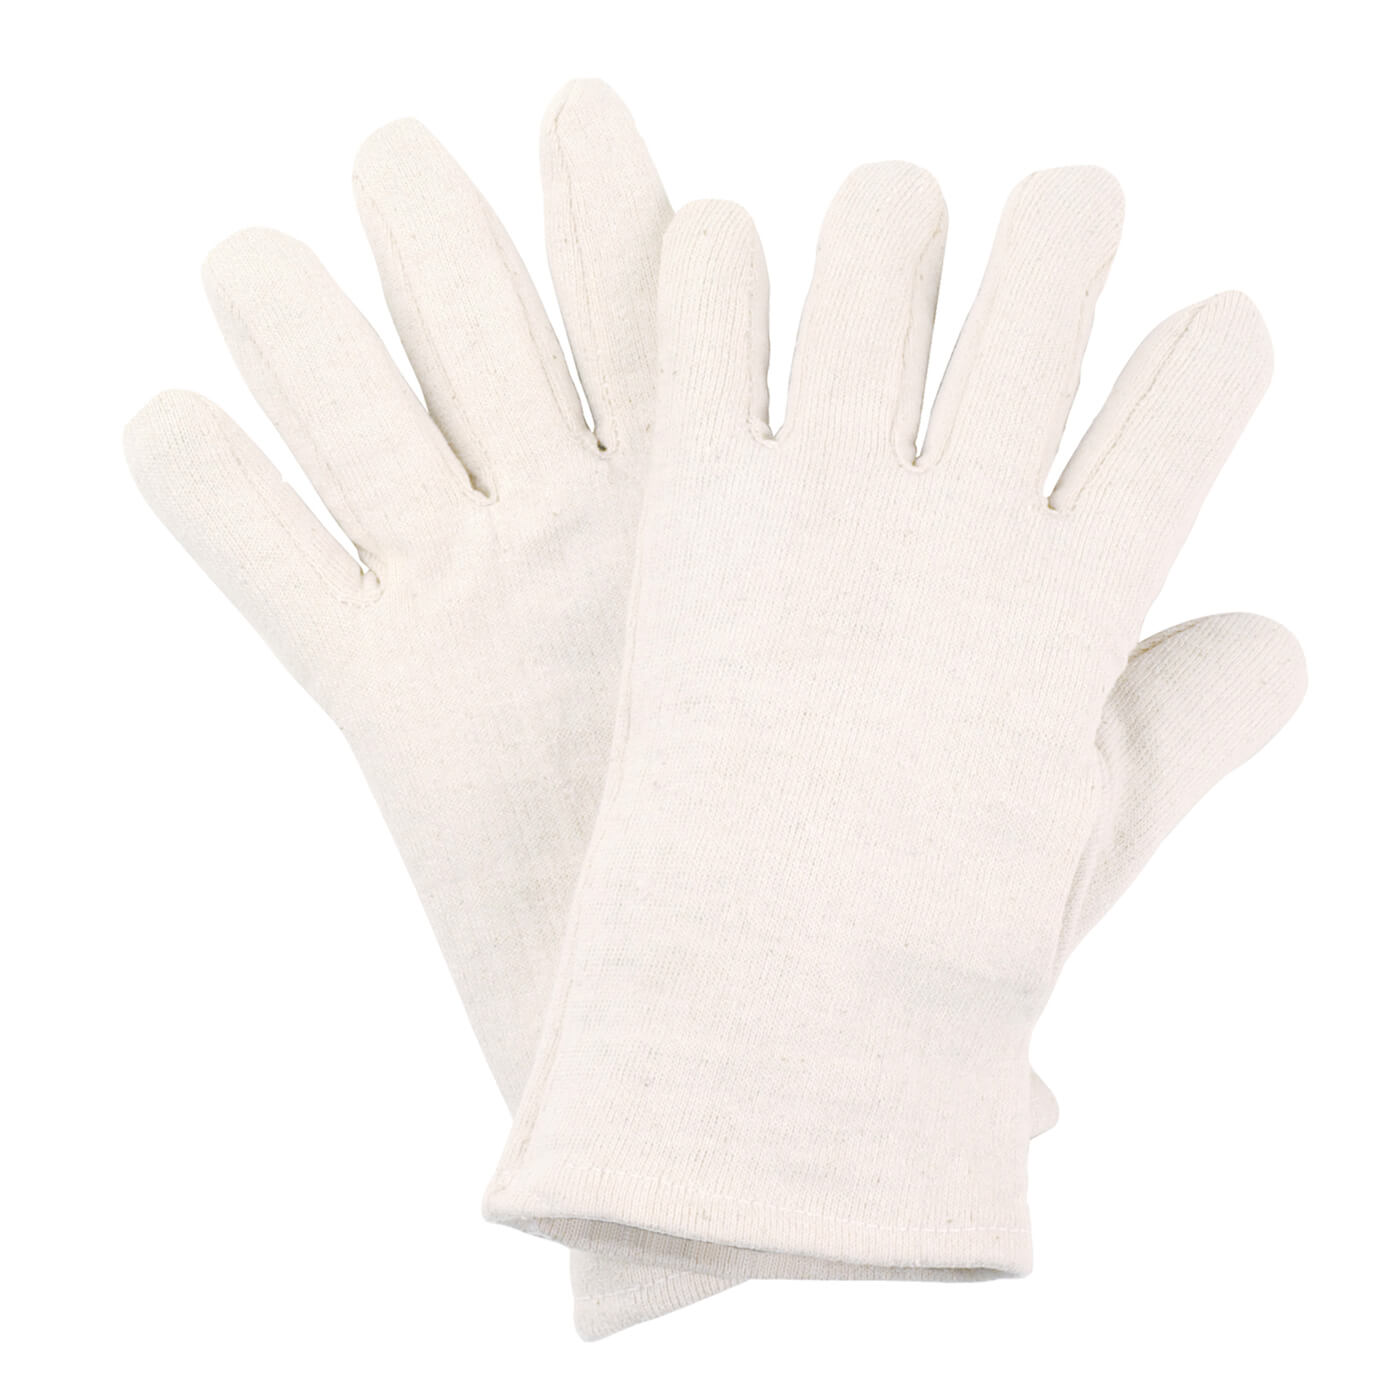 Rękawice bawełniane Nitras 5001